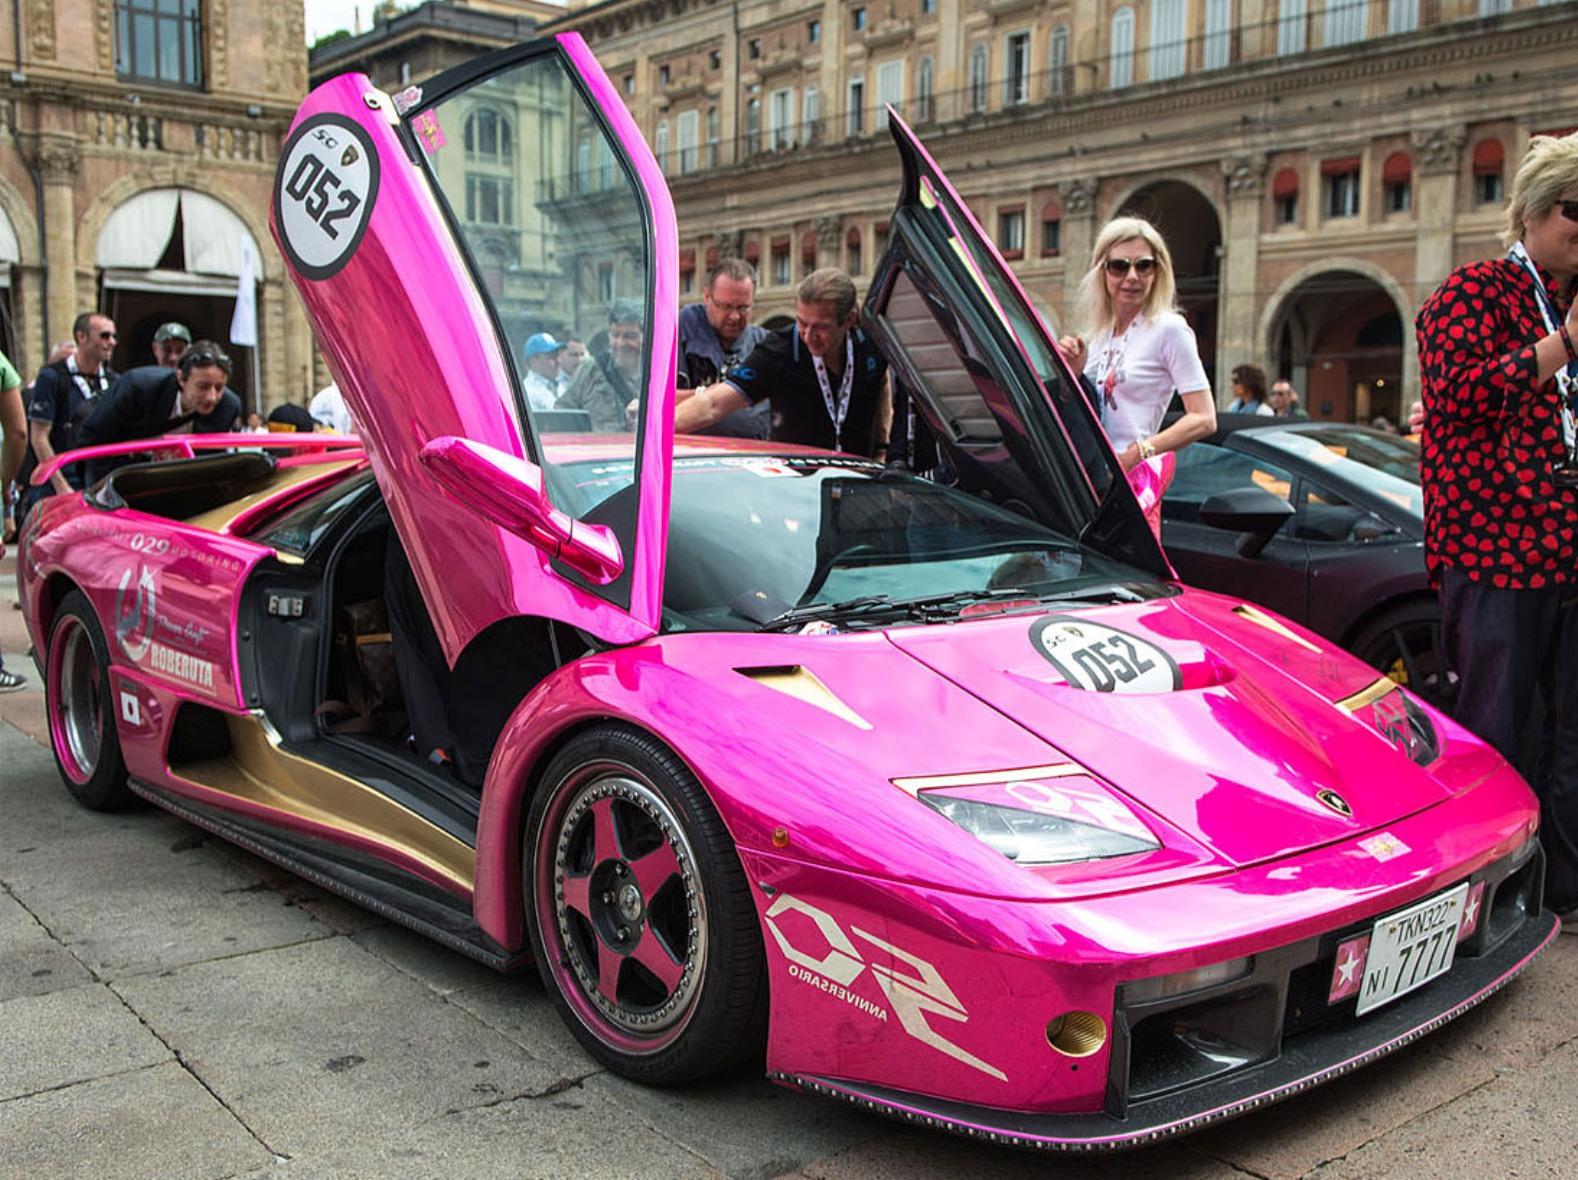 Amazing Lamborghini Diablo X Japanese Style